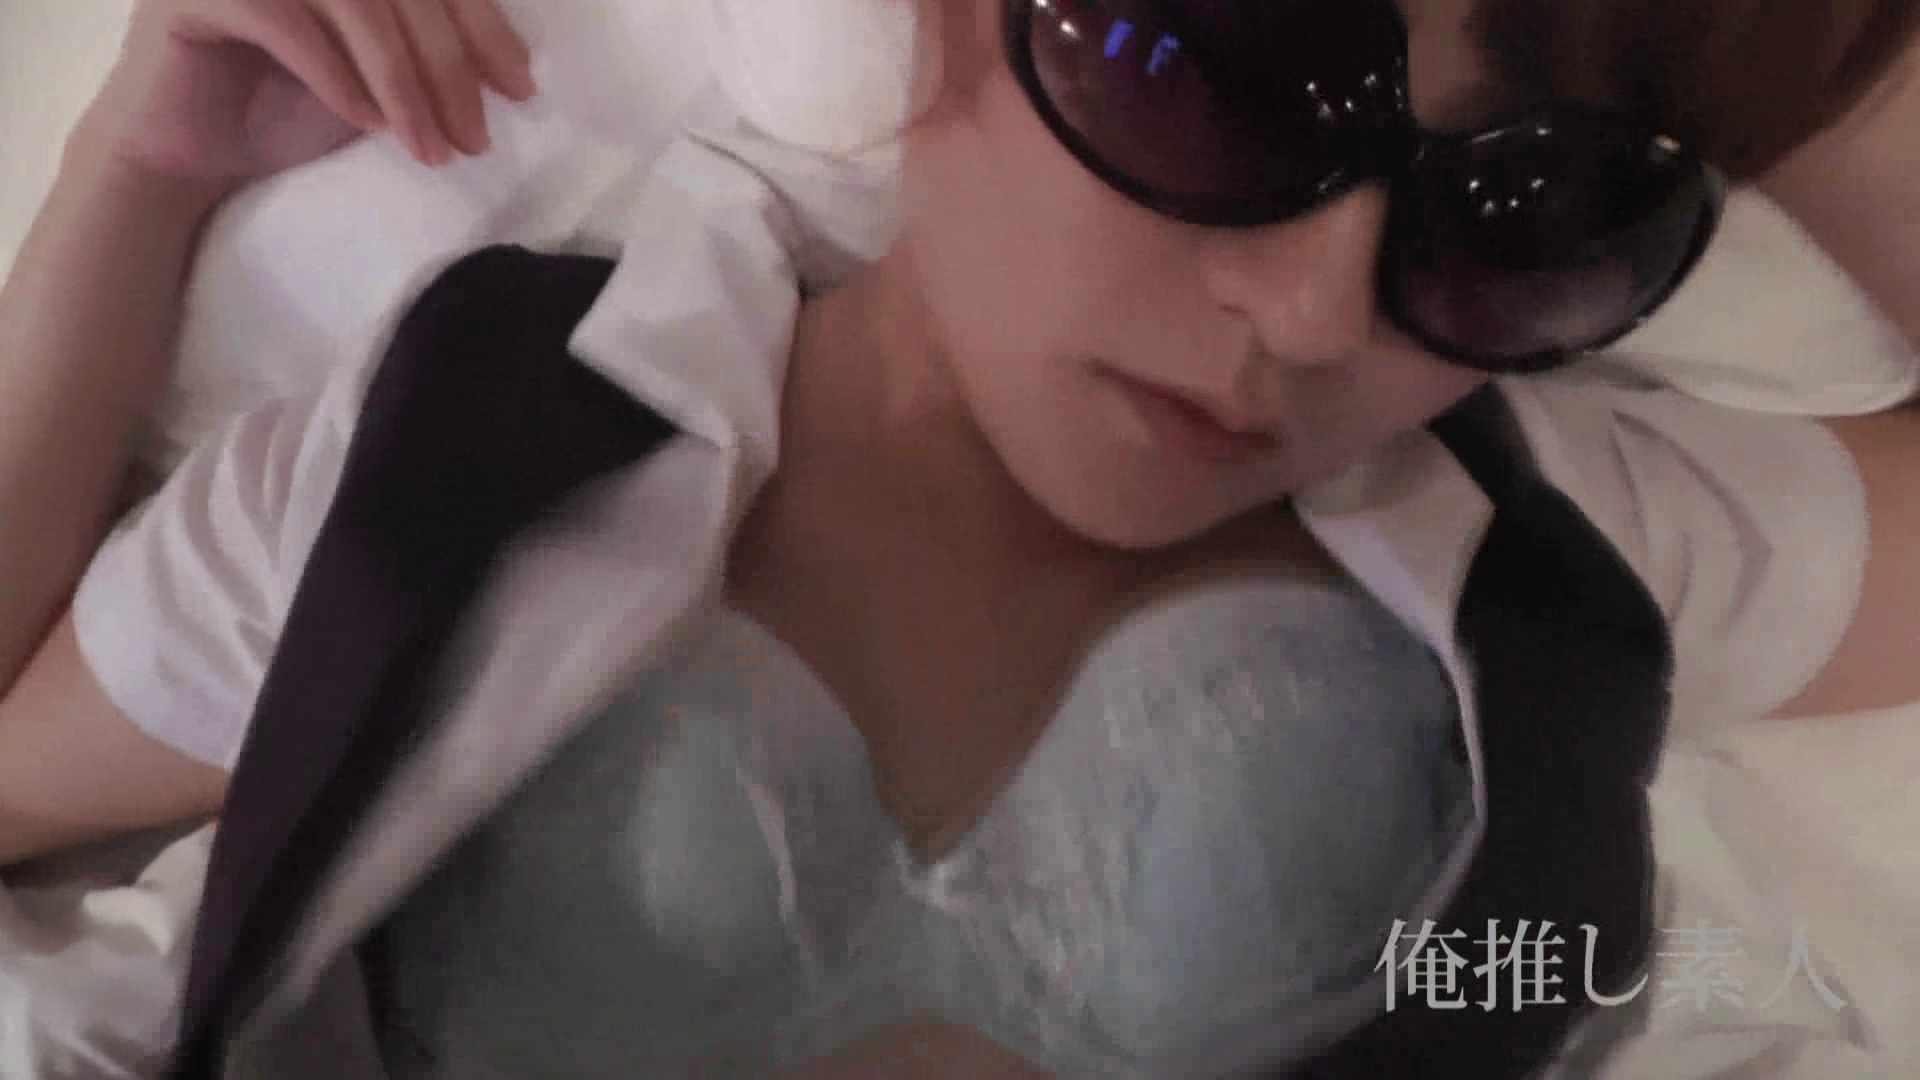 俺推し素人 キャバクラ嬢26歳久美vol3 着替え セックス画像 109連発 58